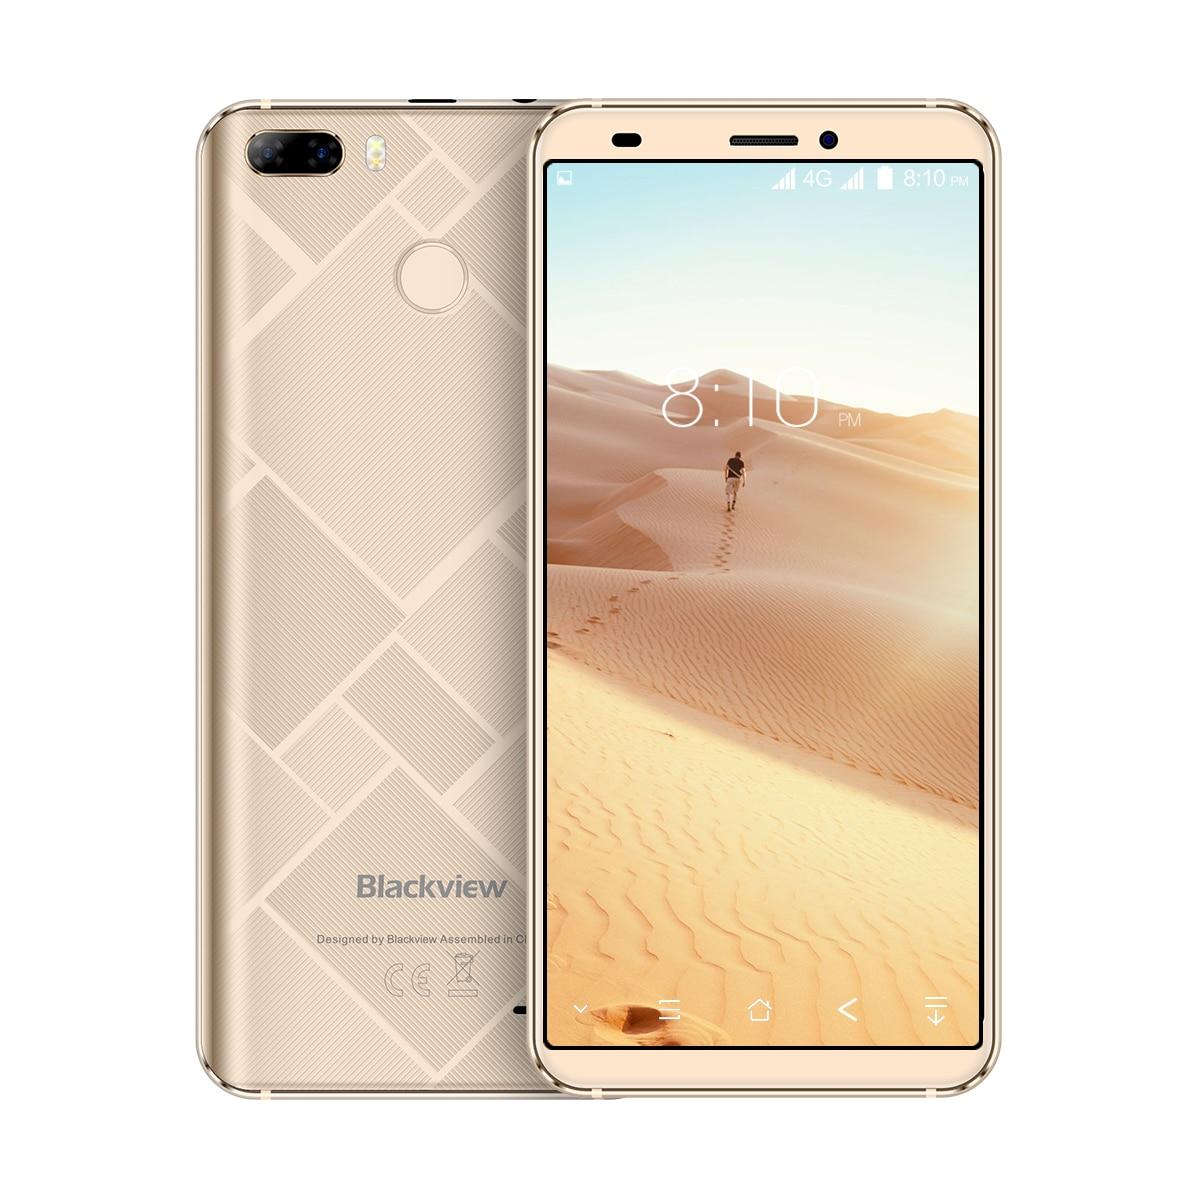 Téléphone portable Original Blackview S6 5.7 pouces 18:9 HD + écran complet 2 GB + 16 GB MT6737VWH Quad Core Android 7.0 double caméra arrière Sma